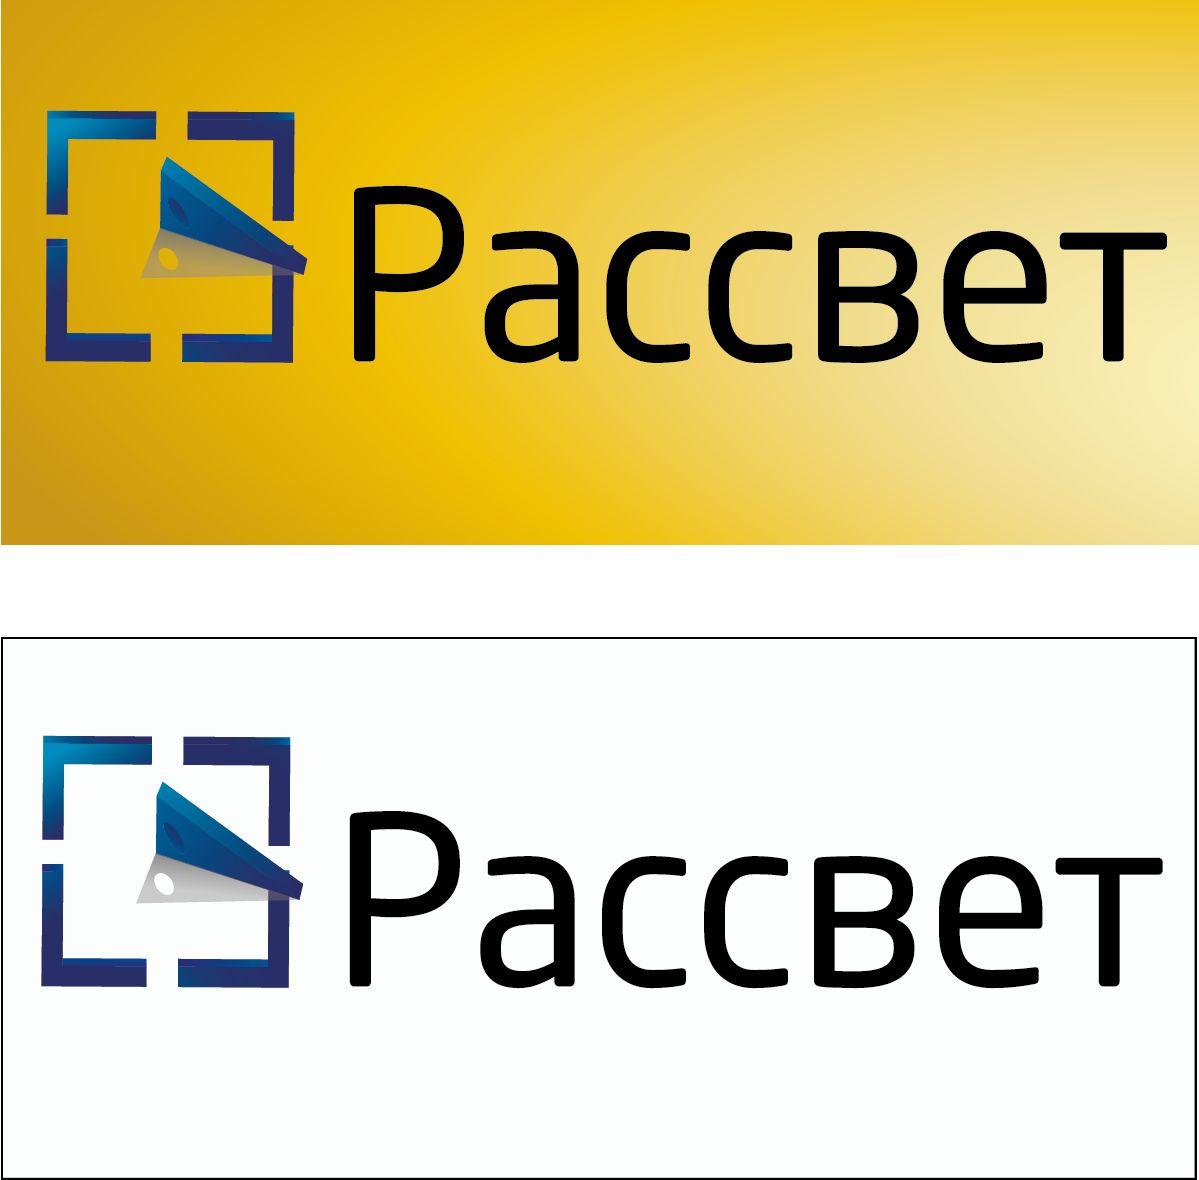 Лого и фирменный стиль для Рассвет - дизайнер malkevihma